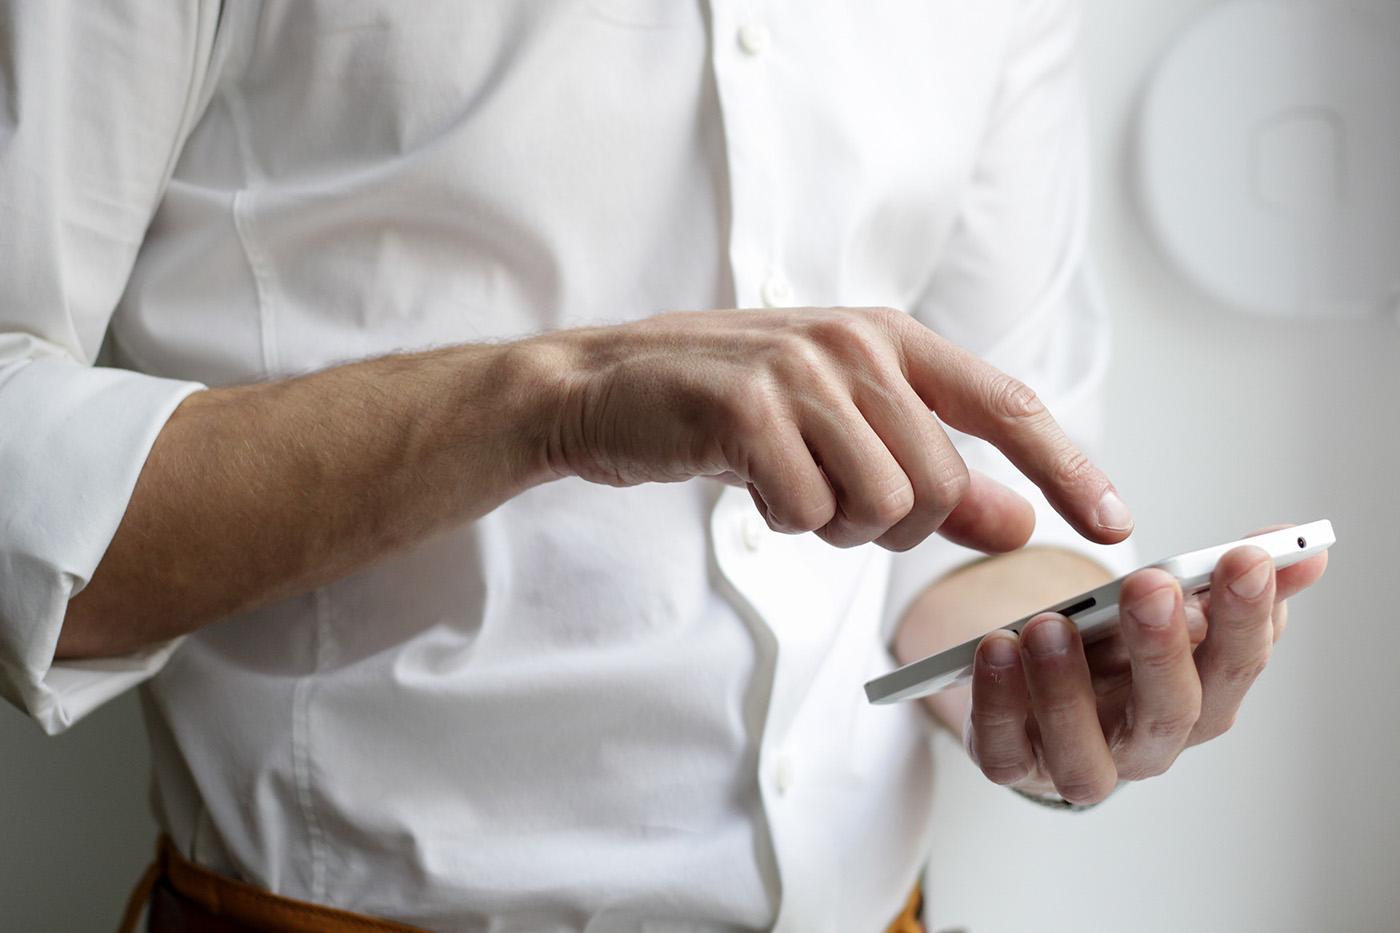 La peritación digital o cómo dar un parte a tu seguro sin esperar al perito 0